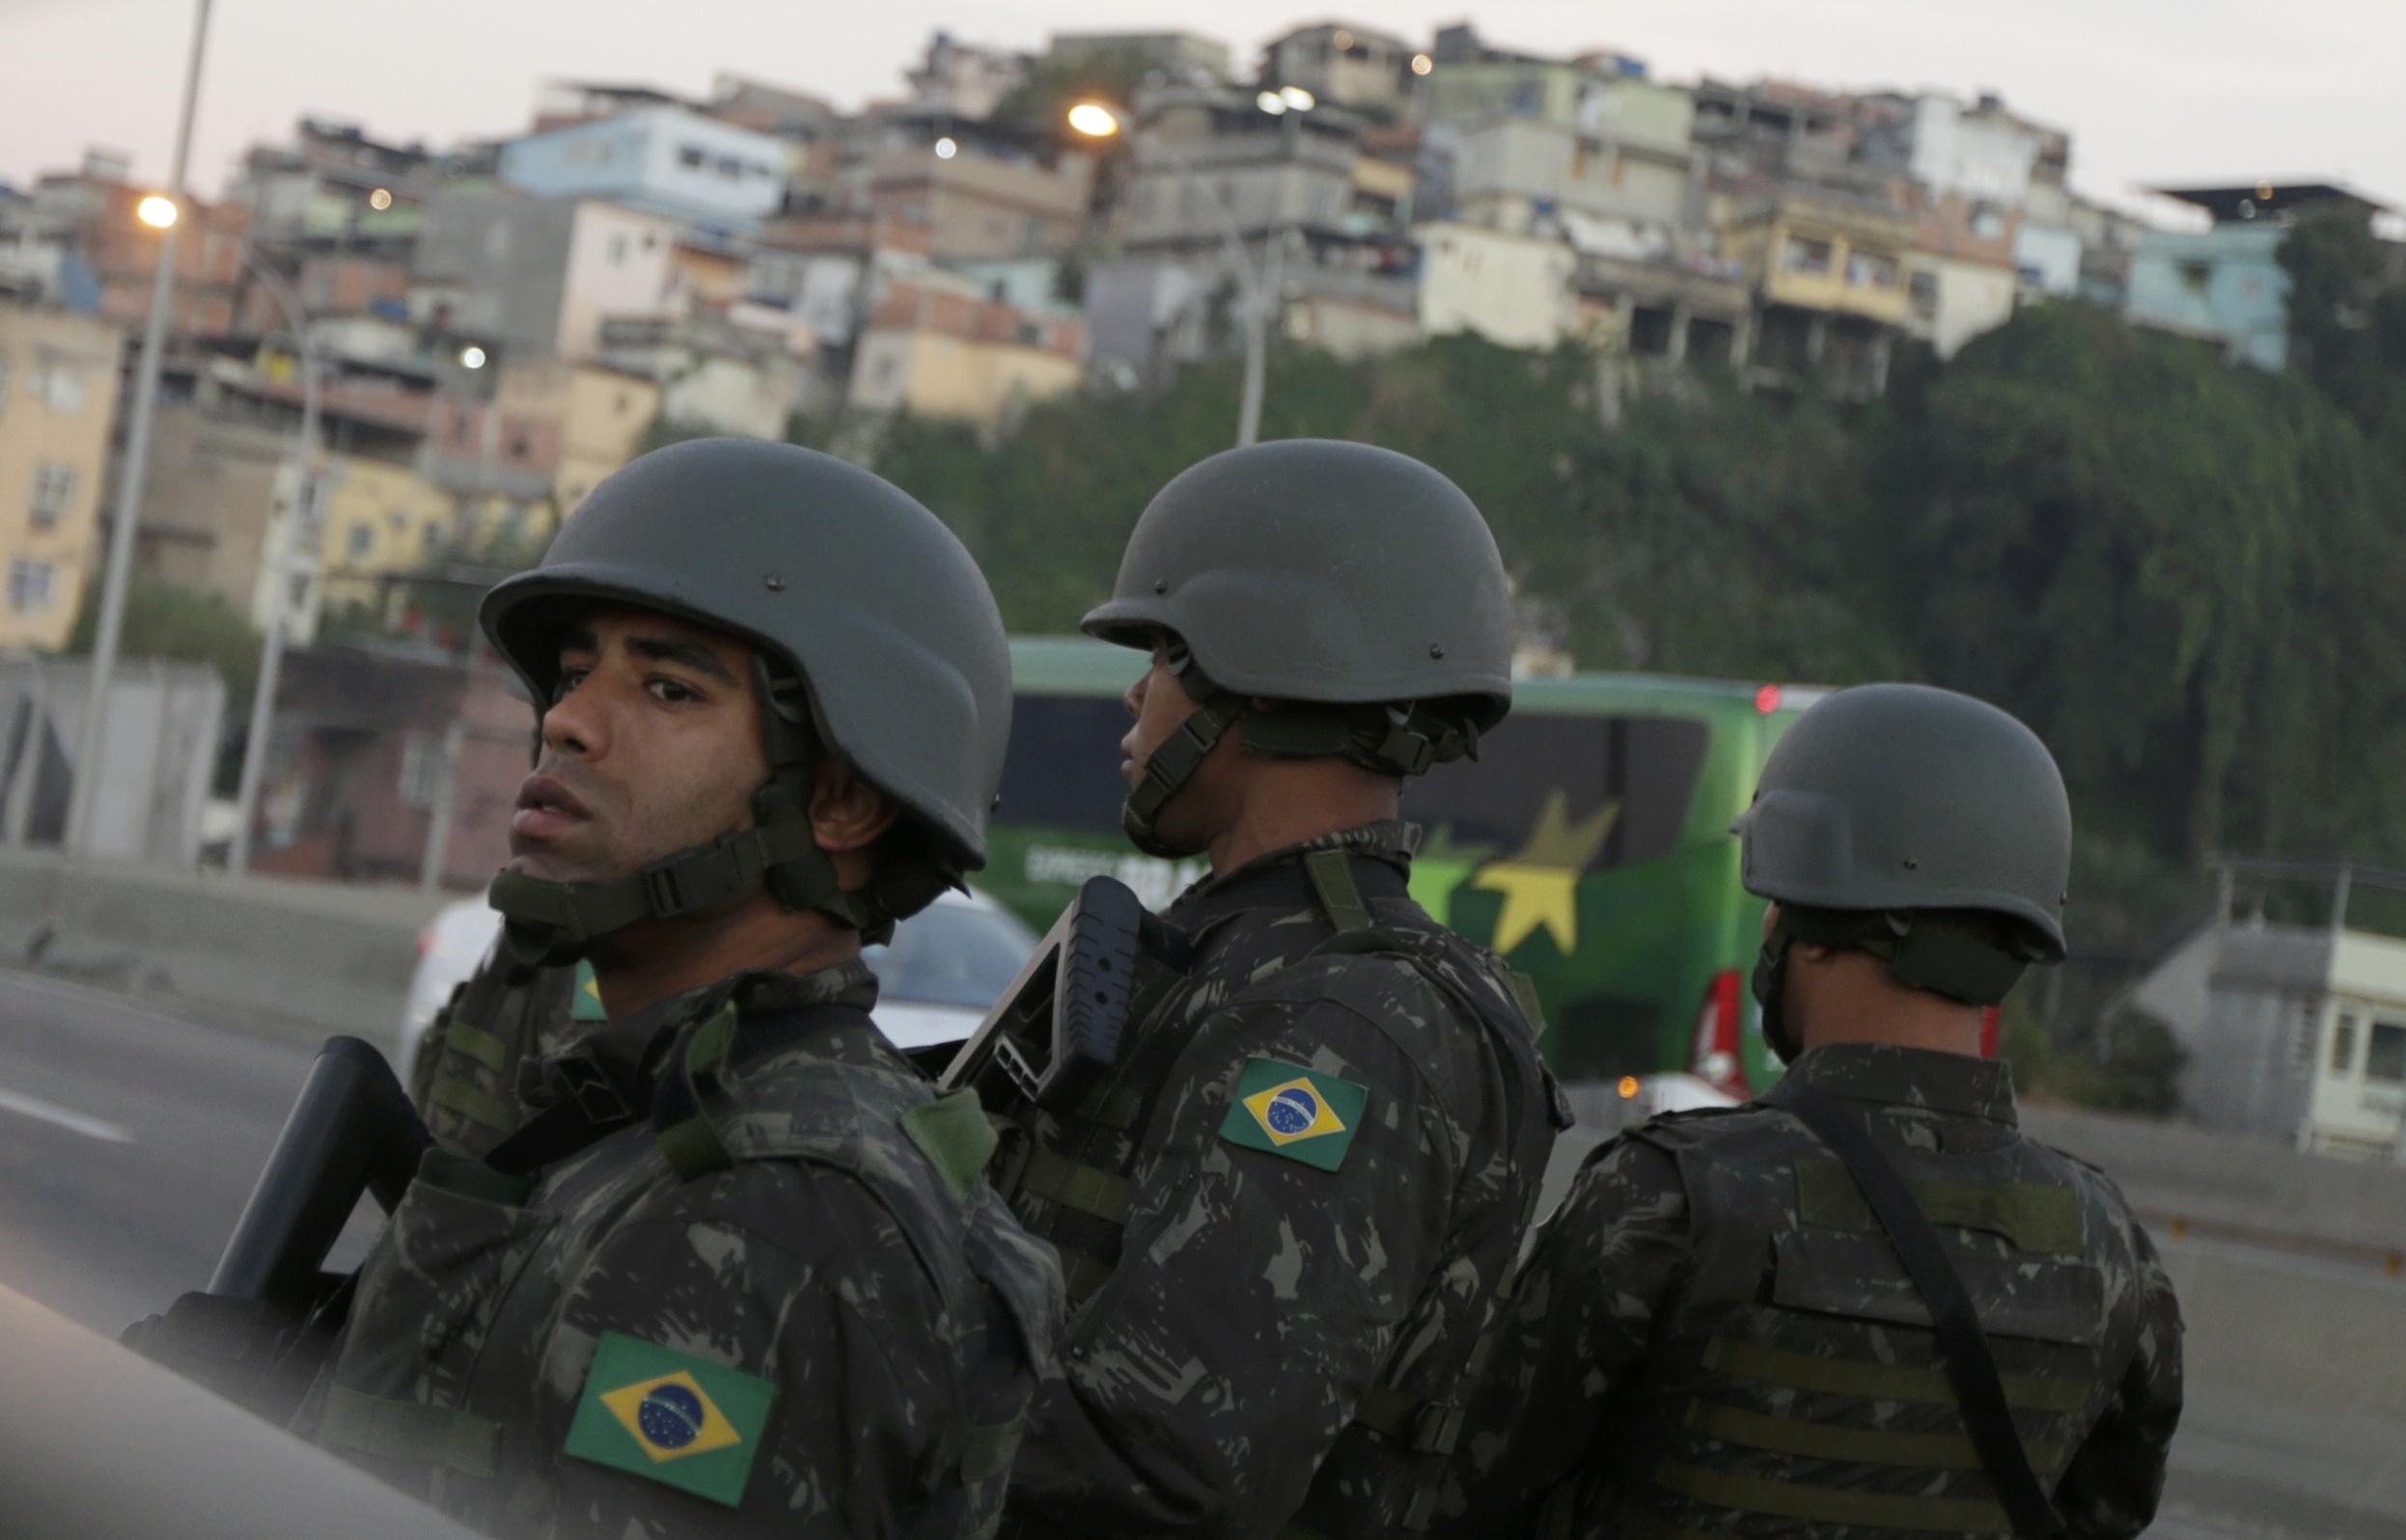 Durante los últimos meses Río de Janeiro ha sido escenario de diferentes hechos de inseguridad, entre ellos robos, hurtos y homicidios